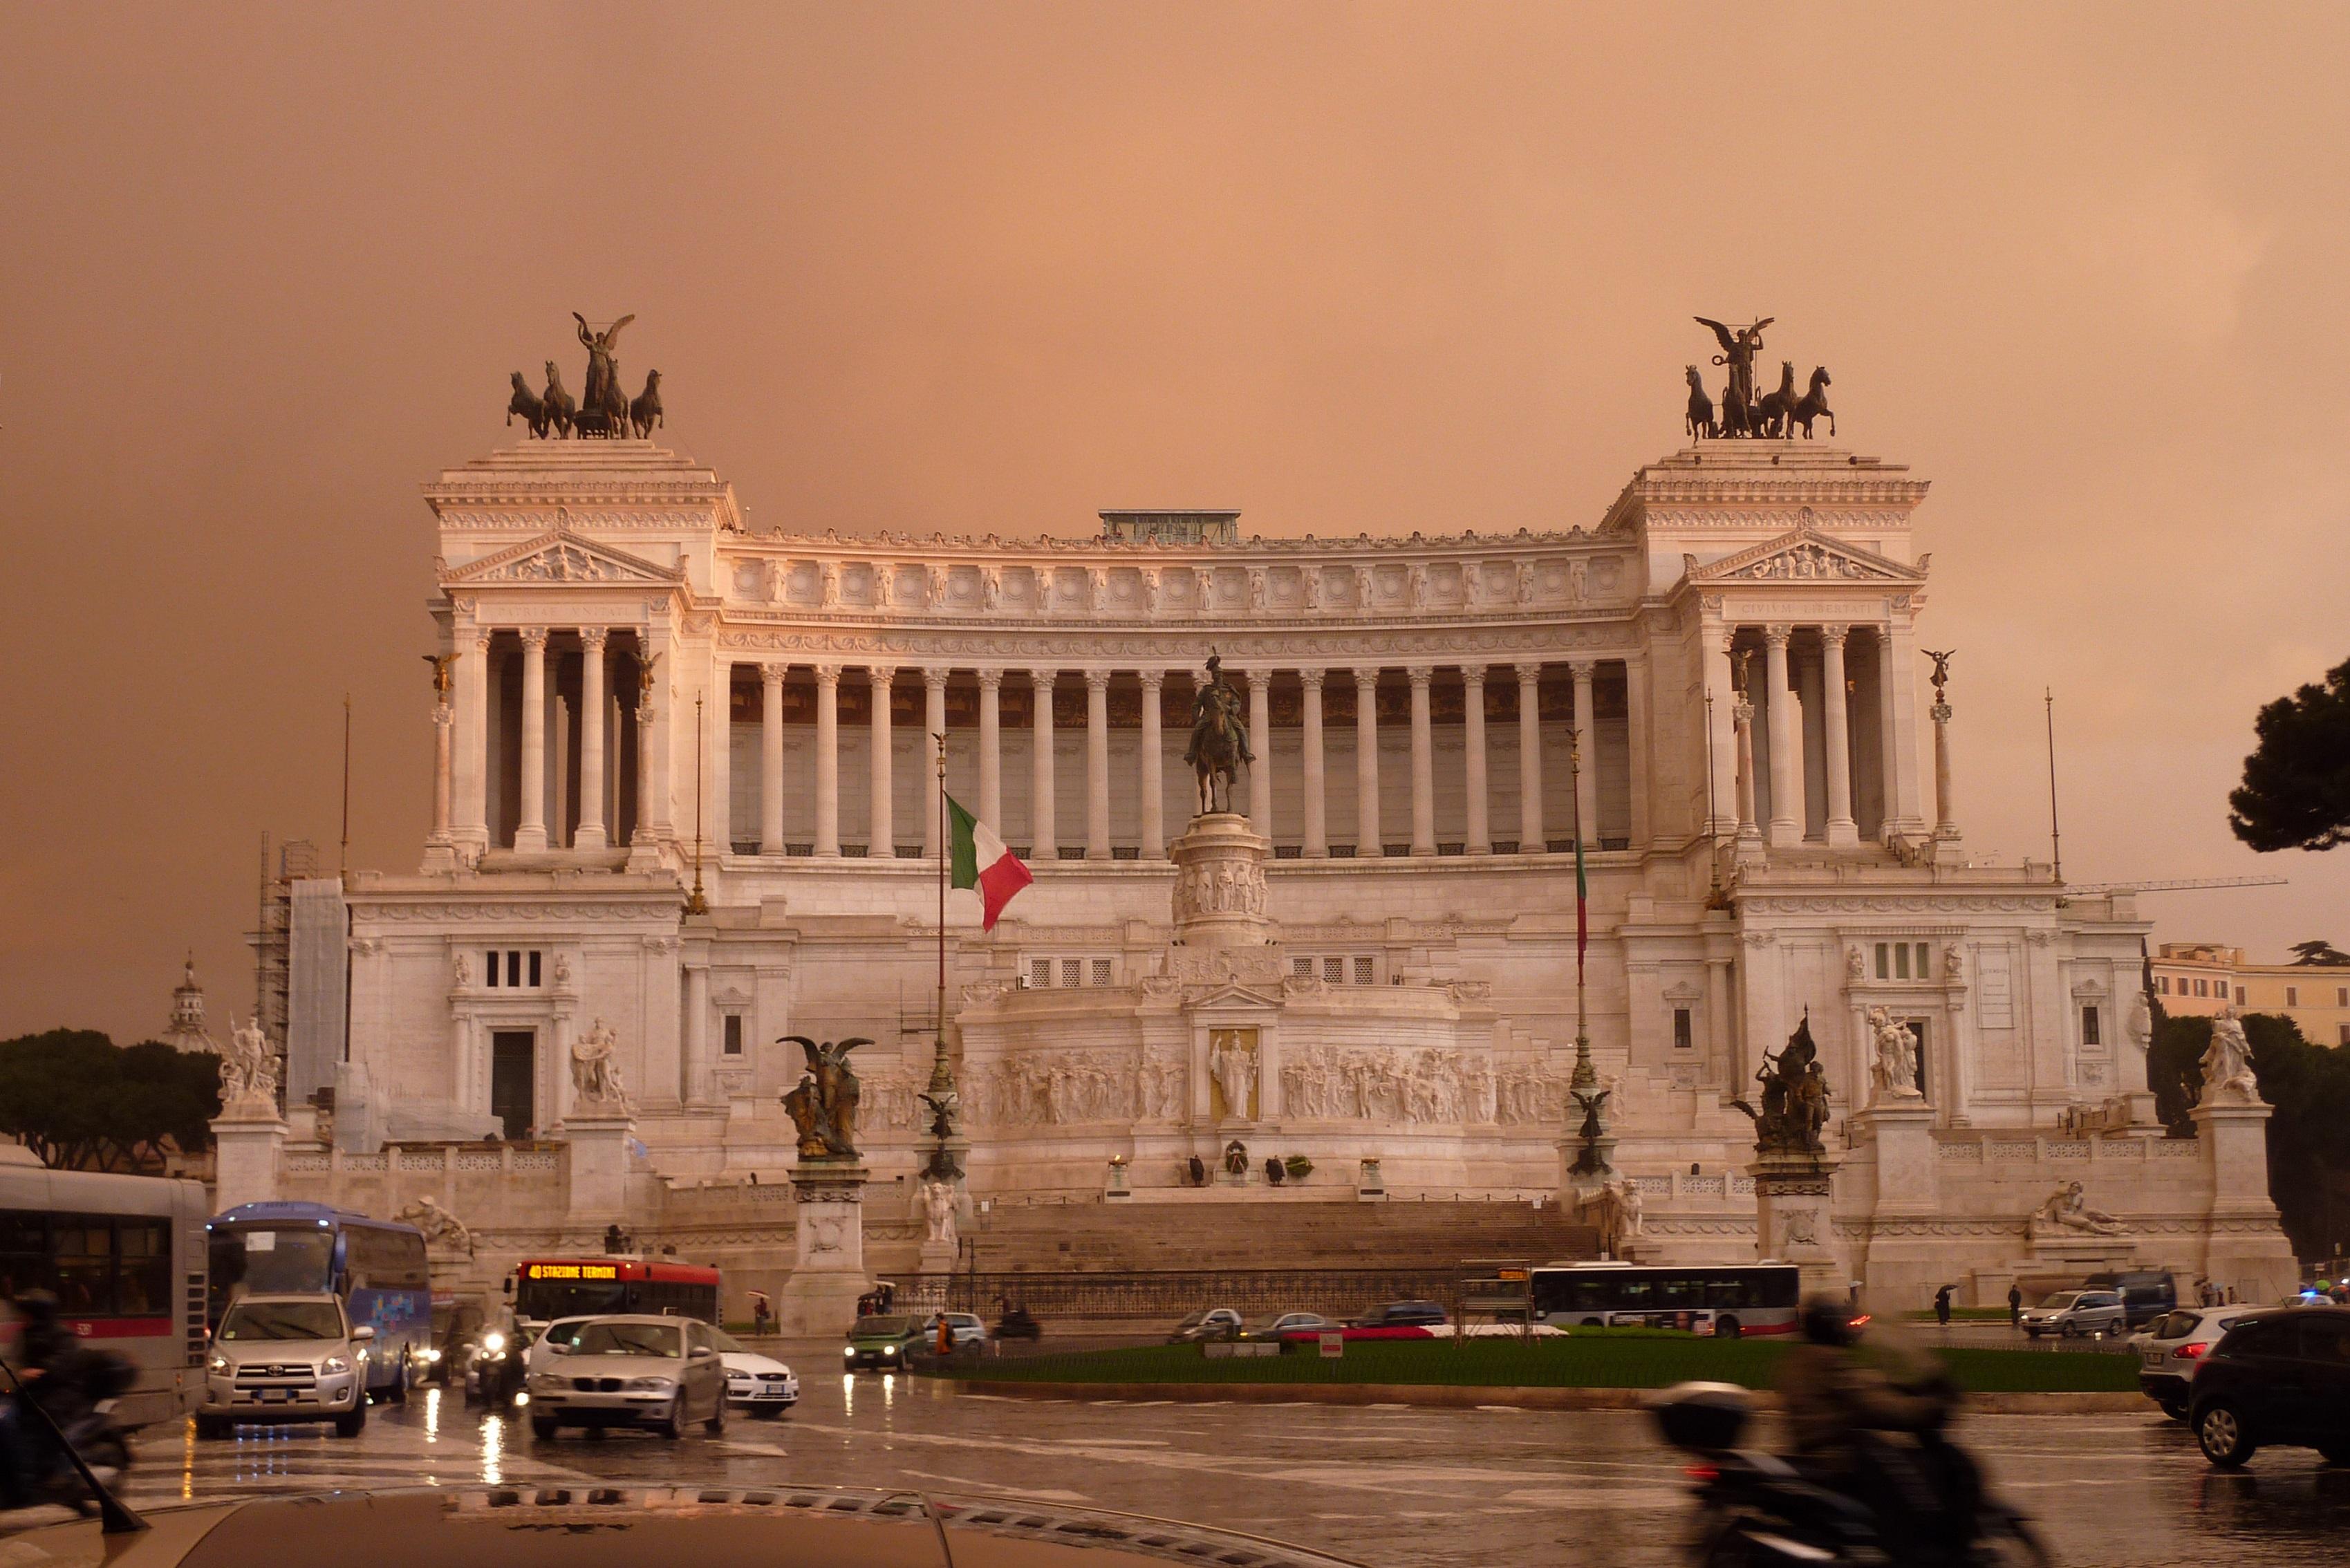 Monumente Nazionale a Vittorio Emanuele II (National Monument to Vittorio Emanuele II)